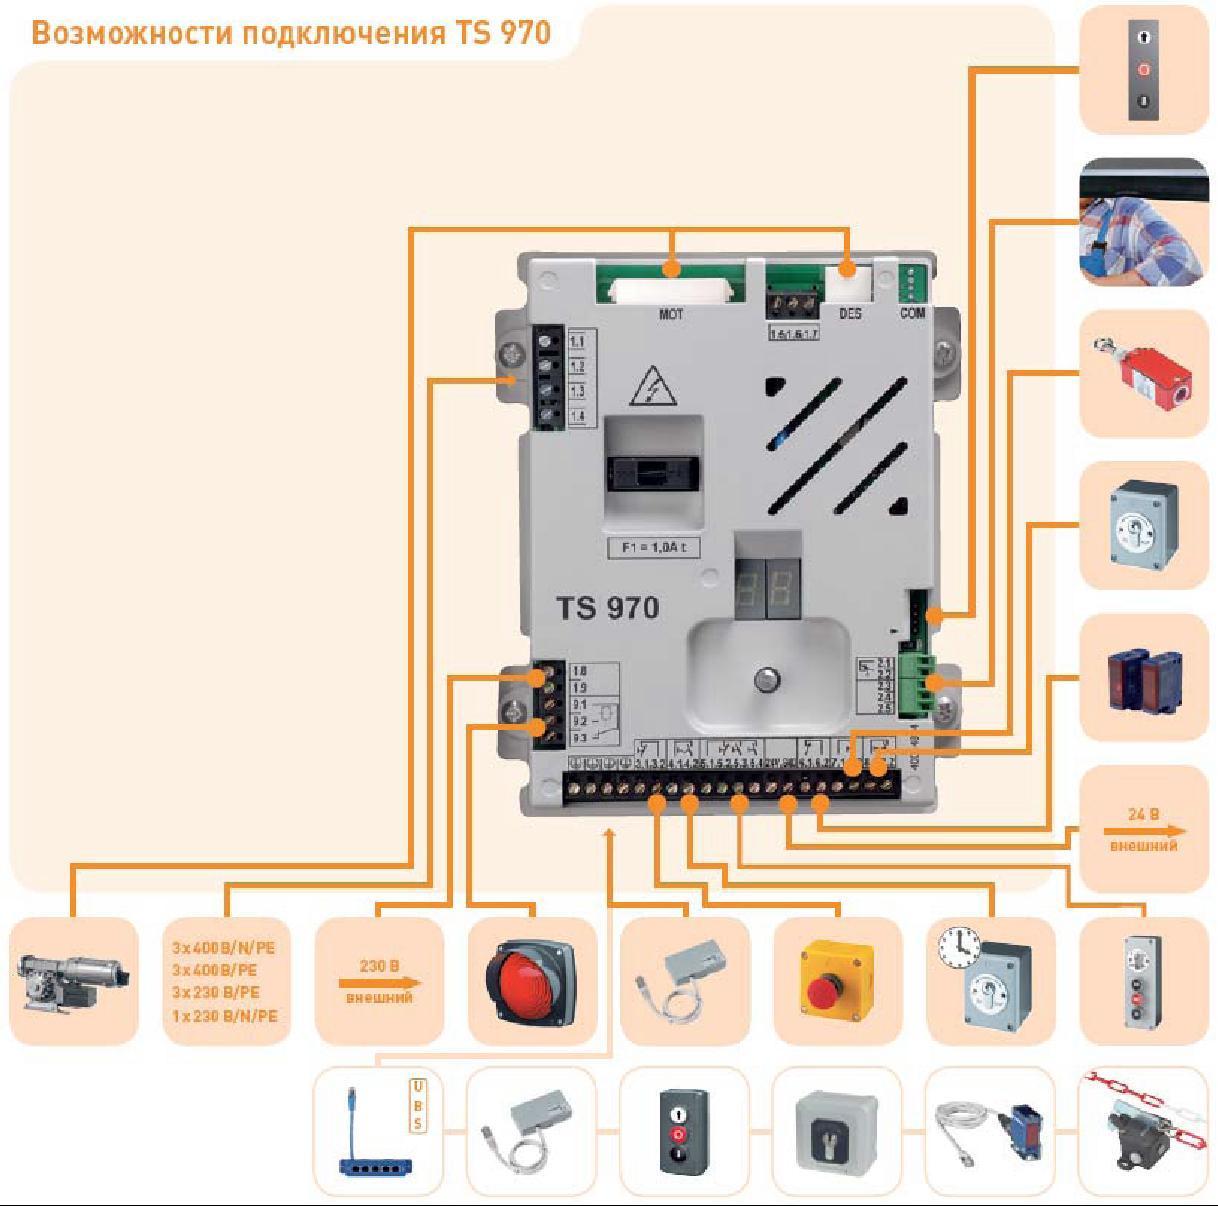 автоматика инструкция gfa elektromaten ws900 блок управления